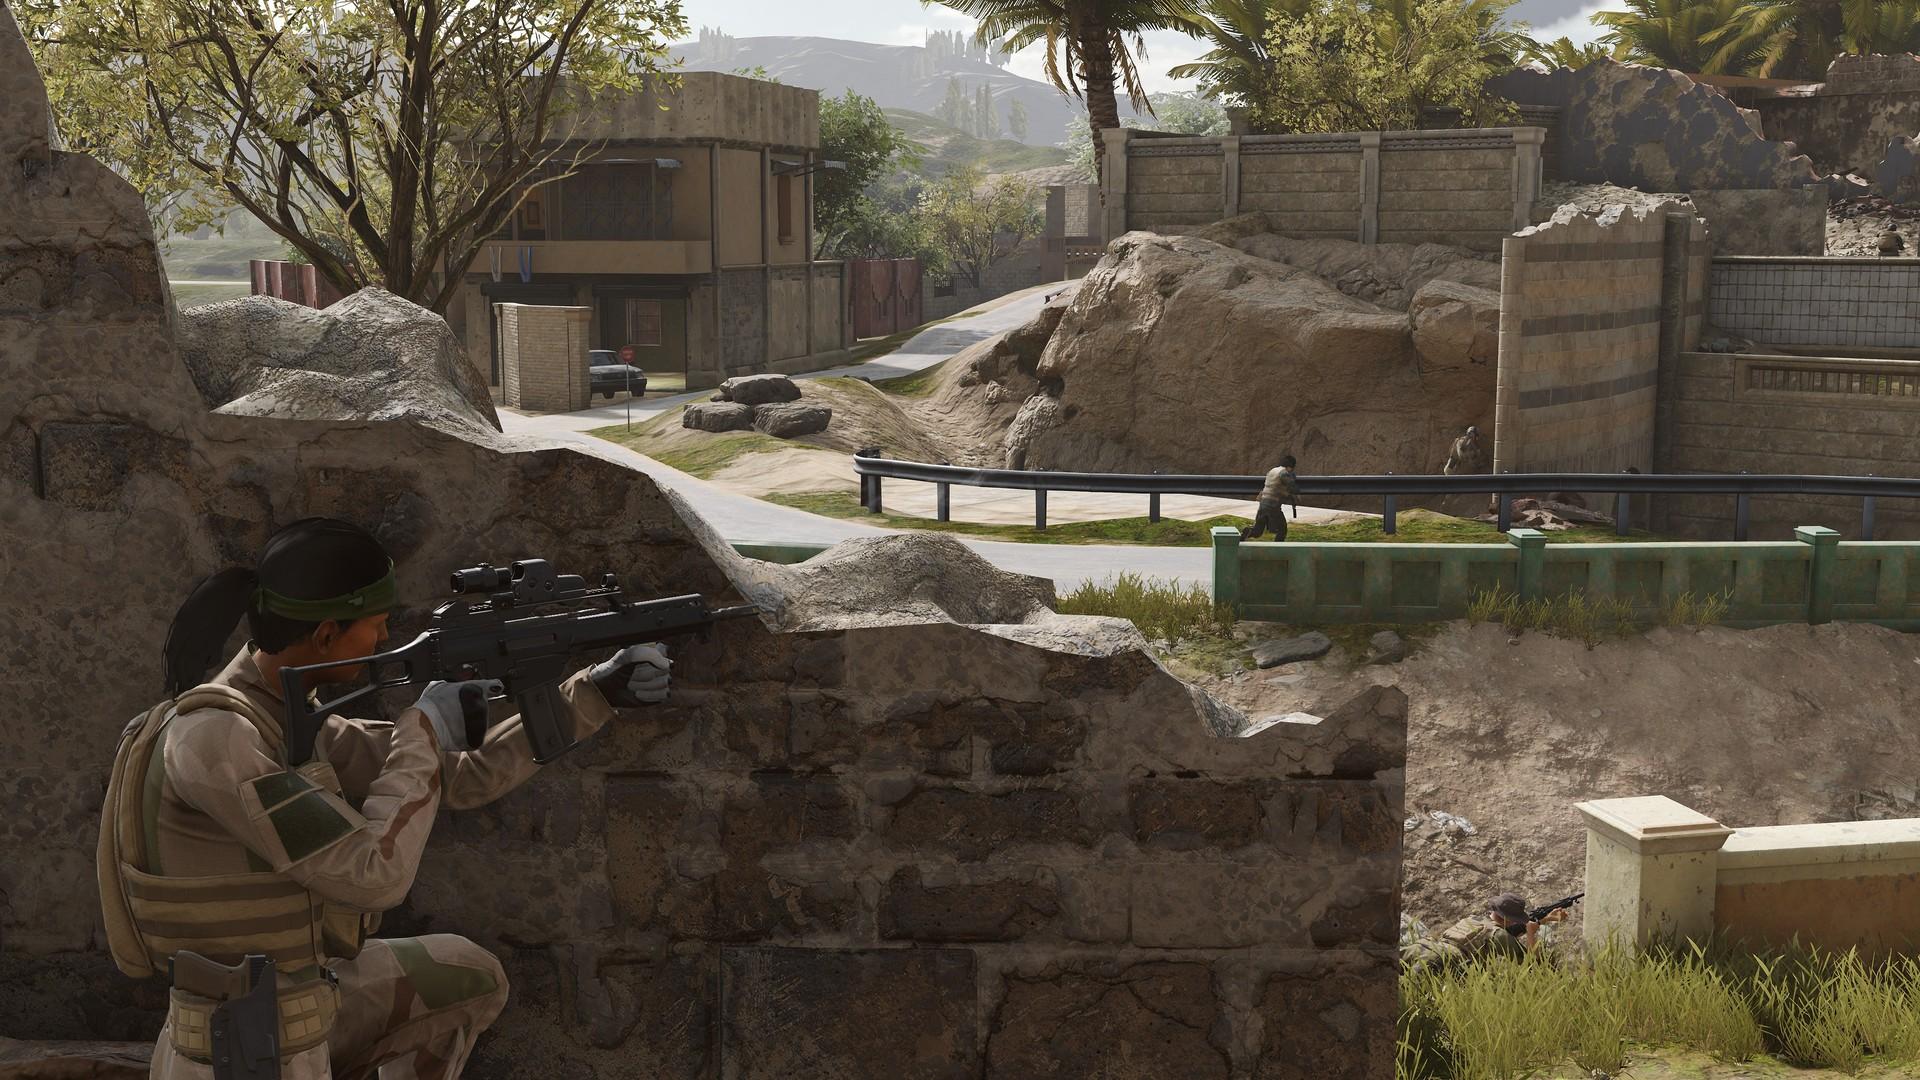 Insurgency: Sandstorm Screenshot 2